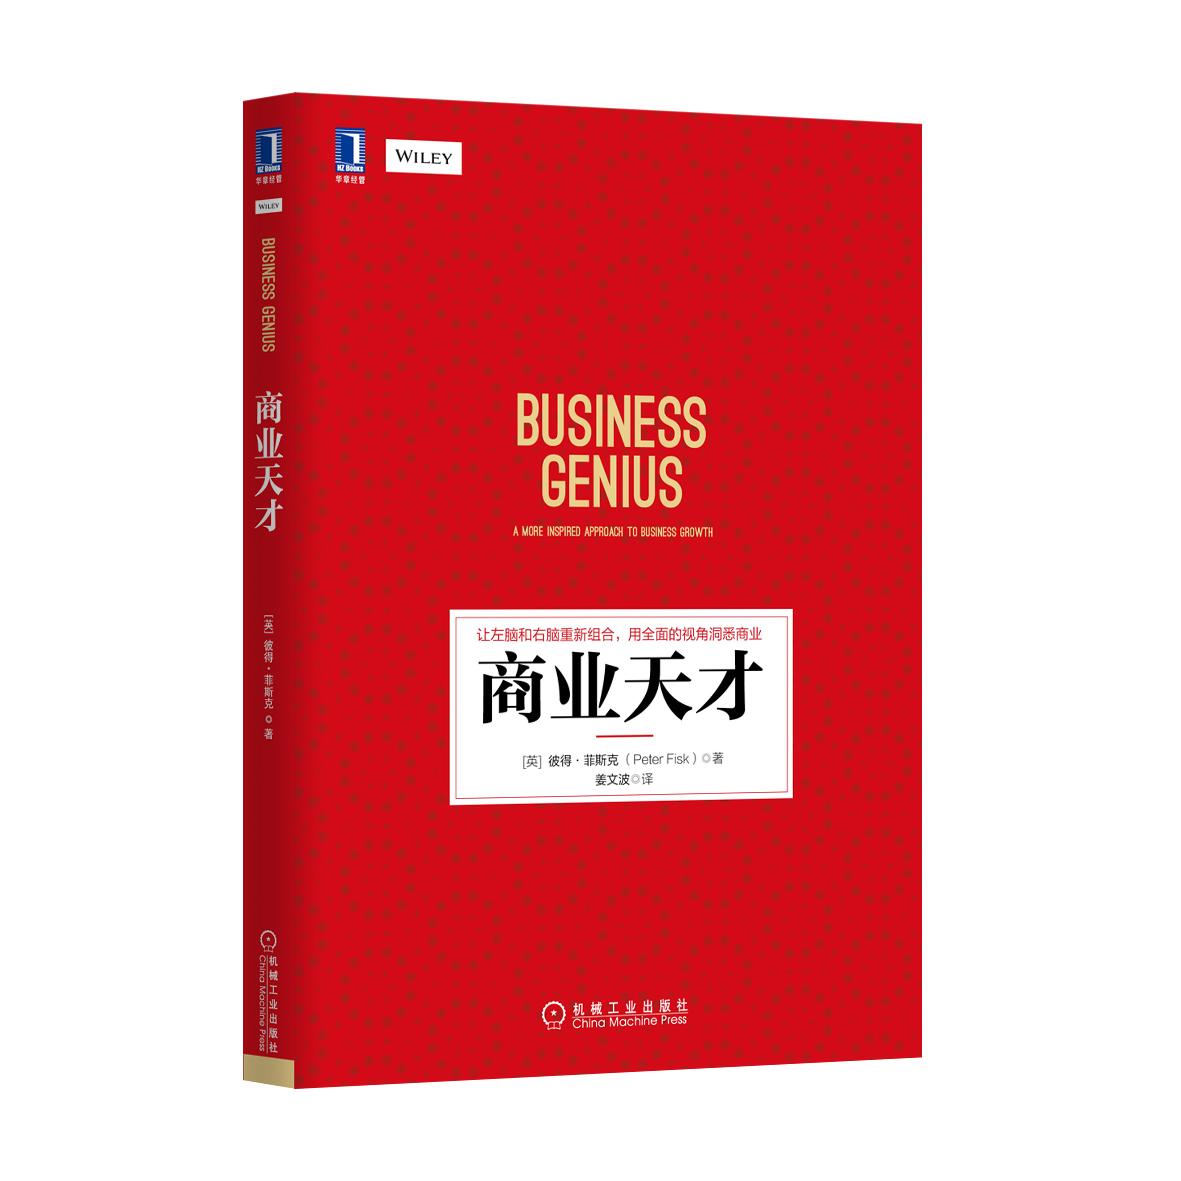 4975904|正版现货商业天才 企业管理/运营管理/项目管理/管理类 书籍 商城